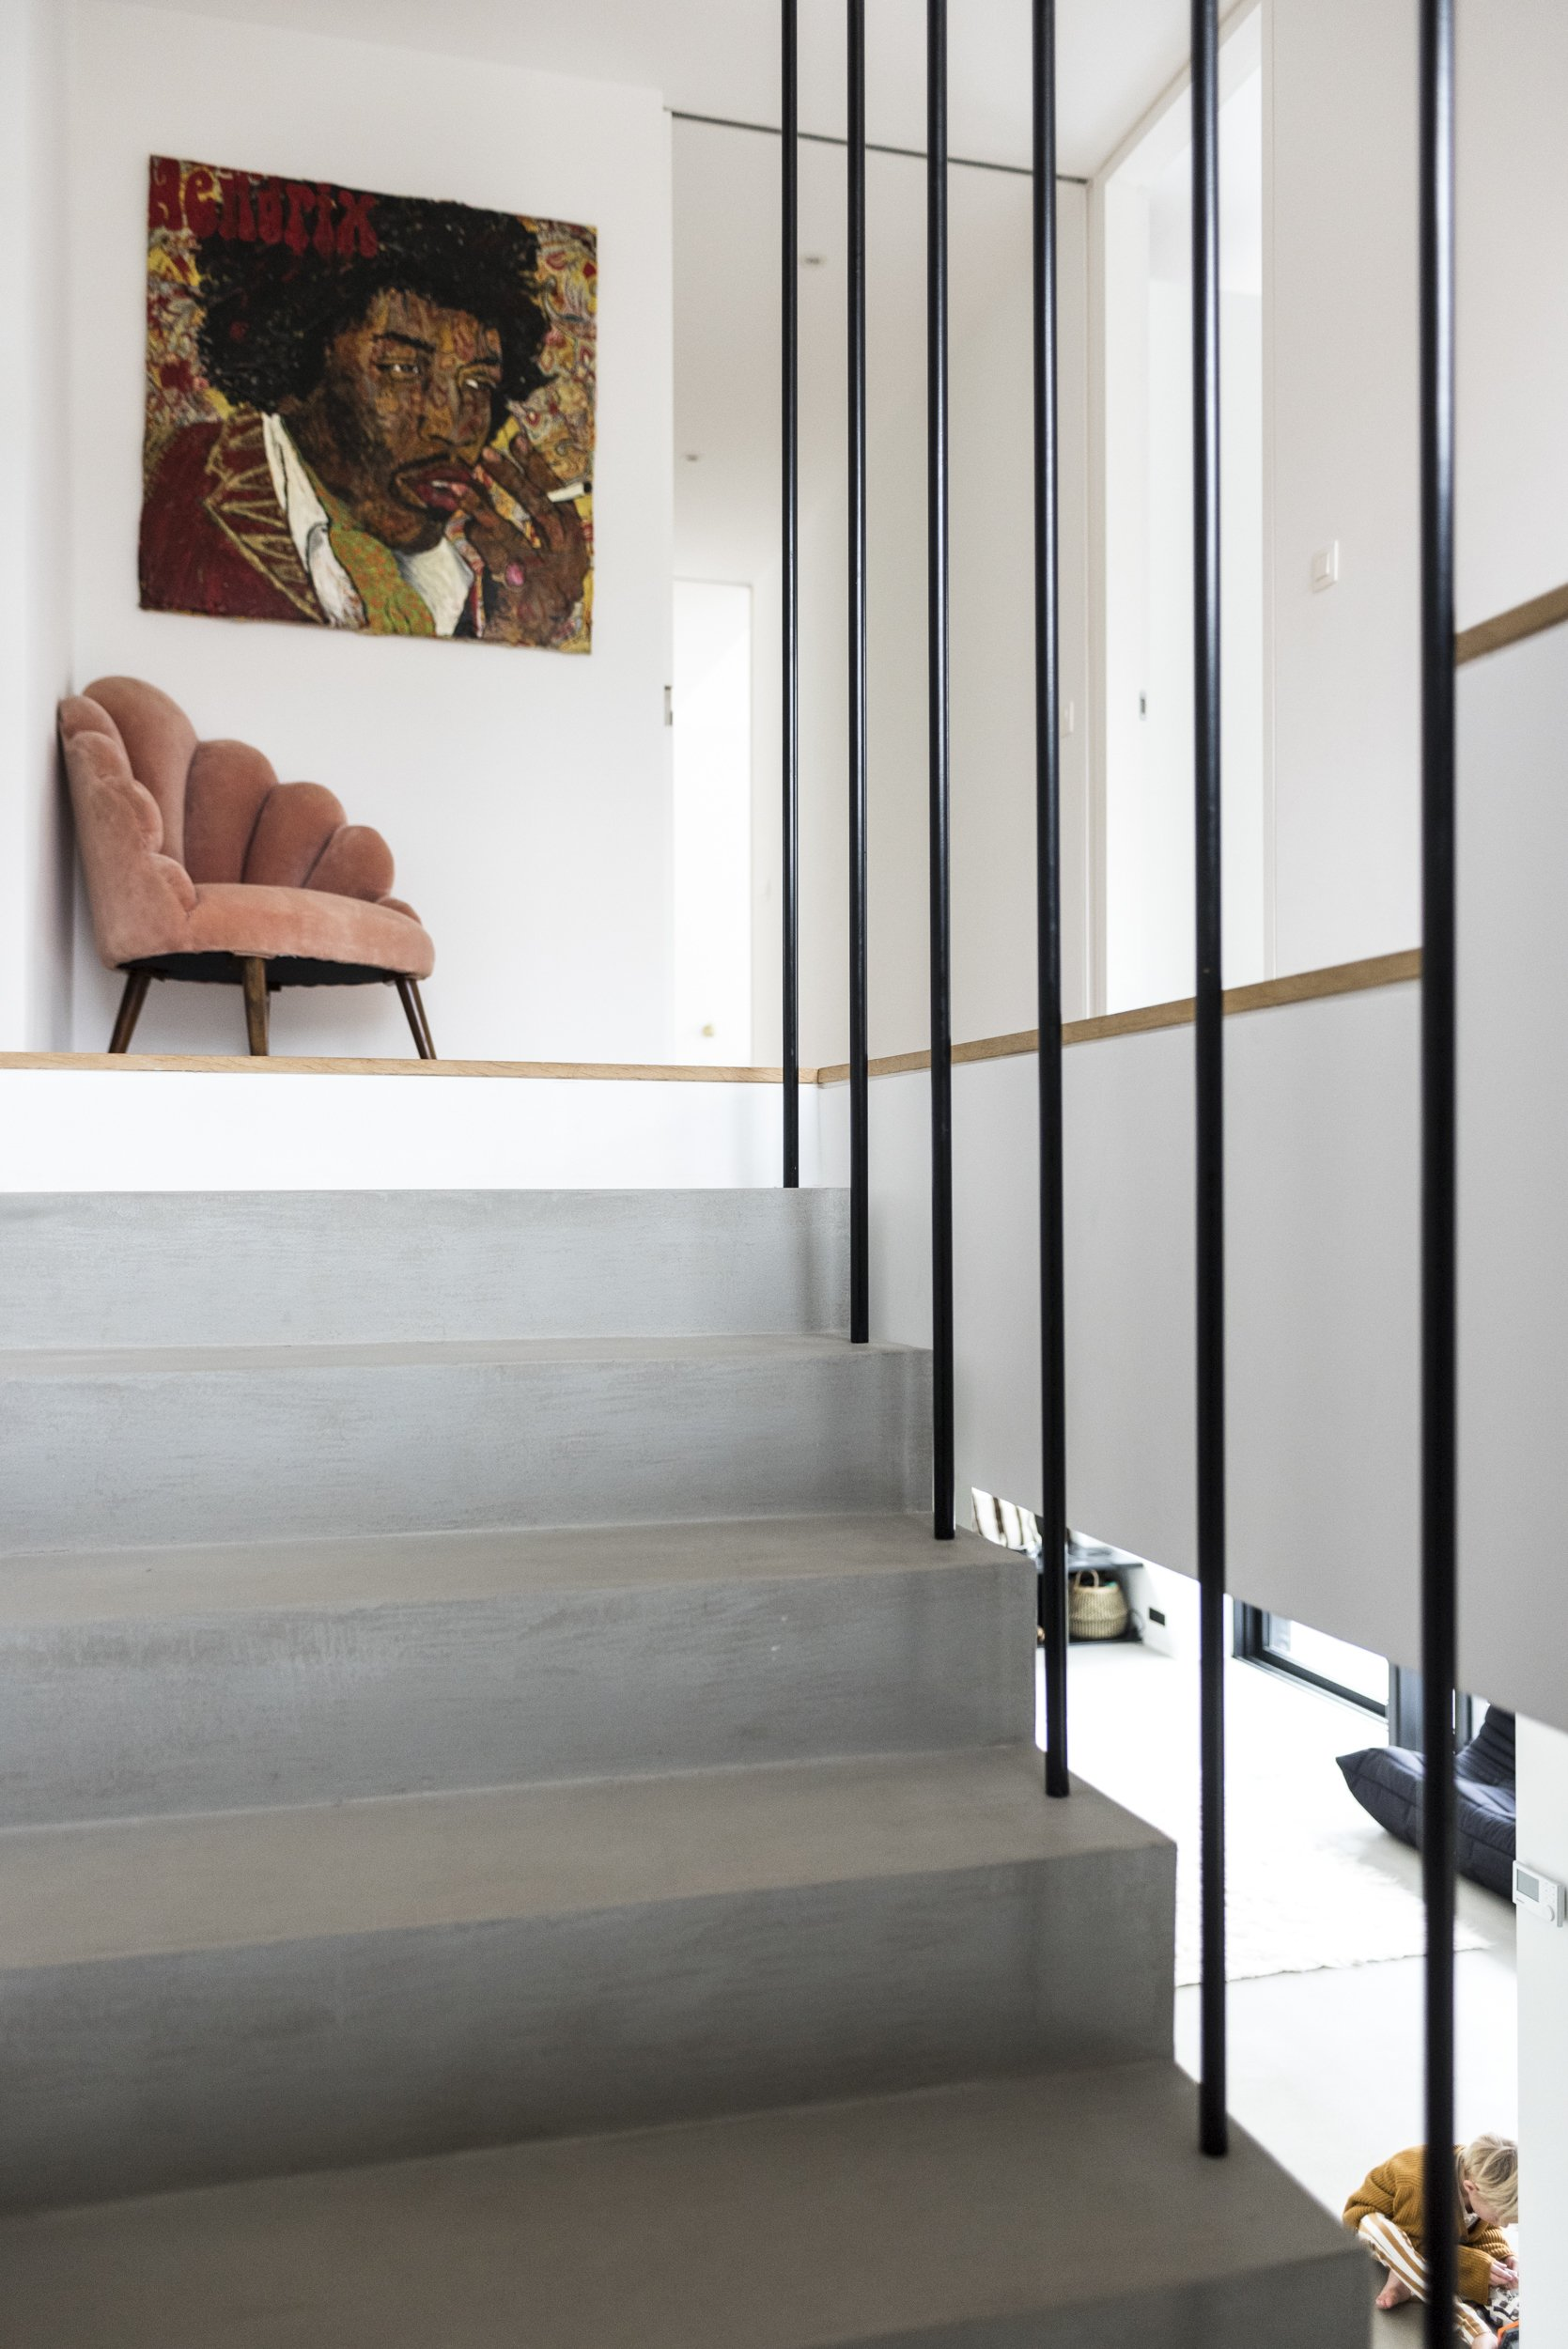 short gym couleur chair ikea green cristina balducci and frederic alexandre 5 louis 4 colette 1 year escaliers maison belgique